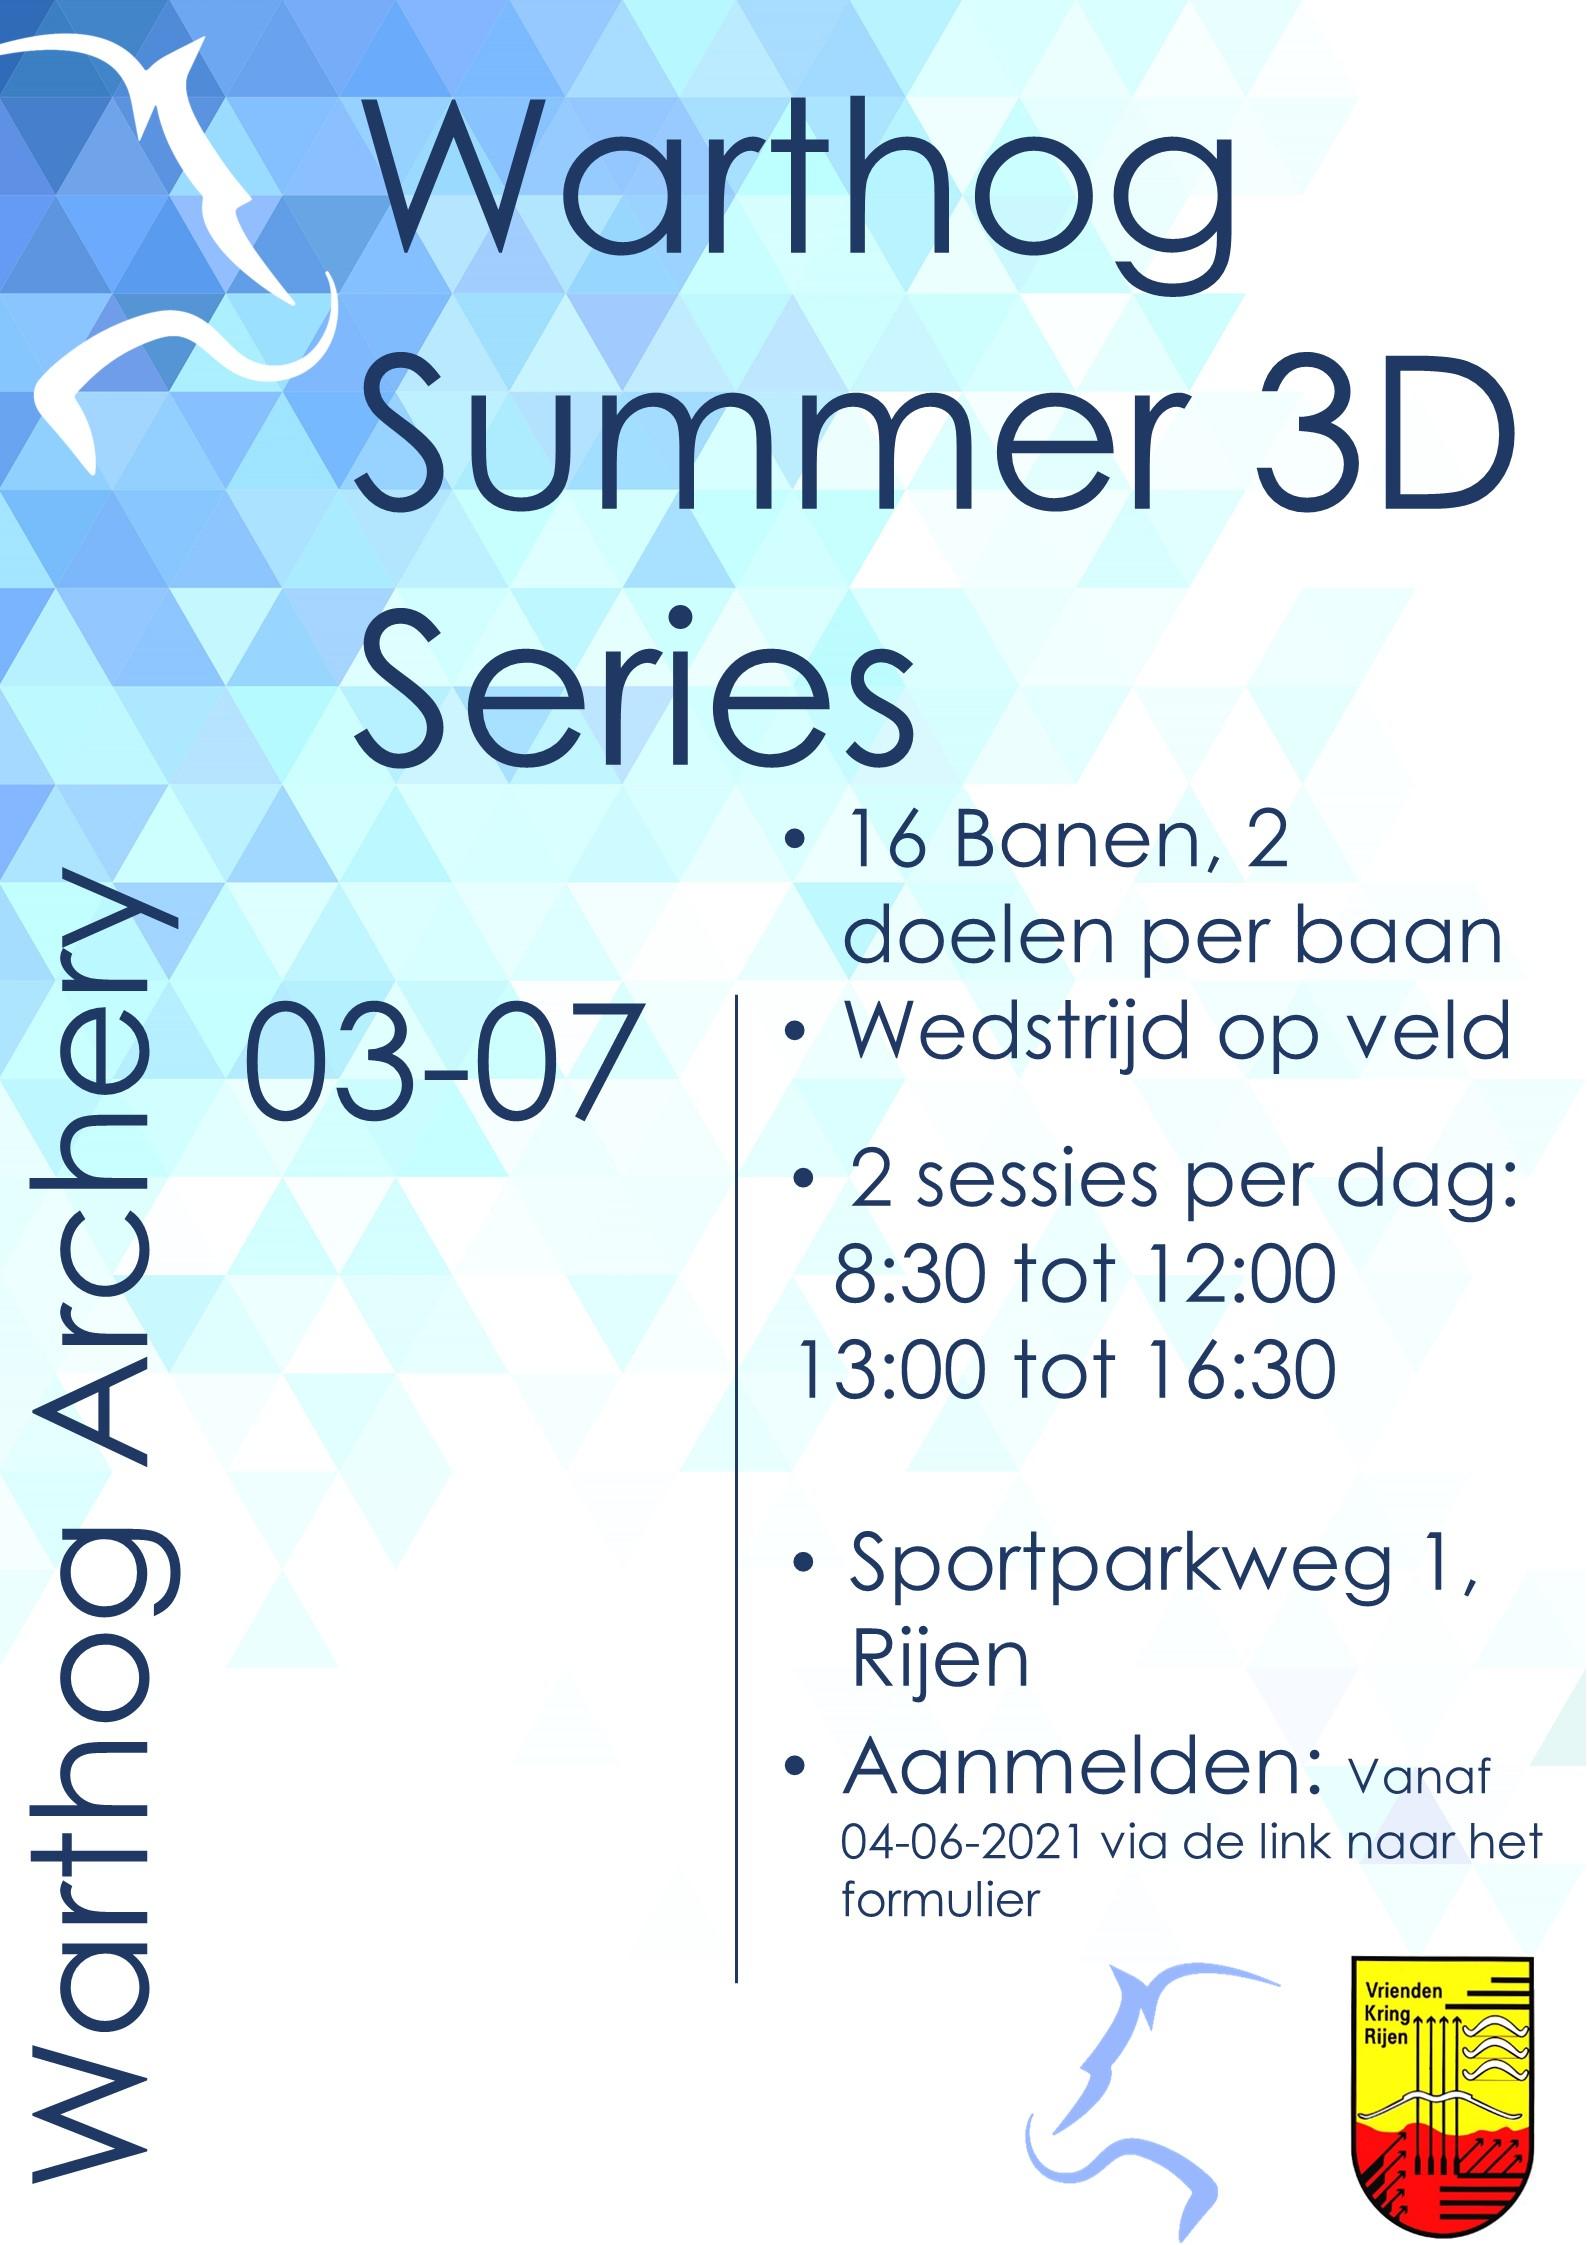 Warthog Summer Series